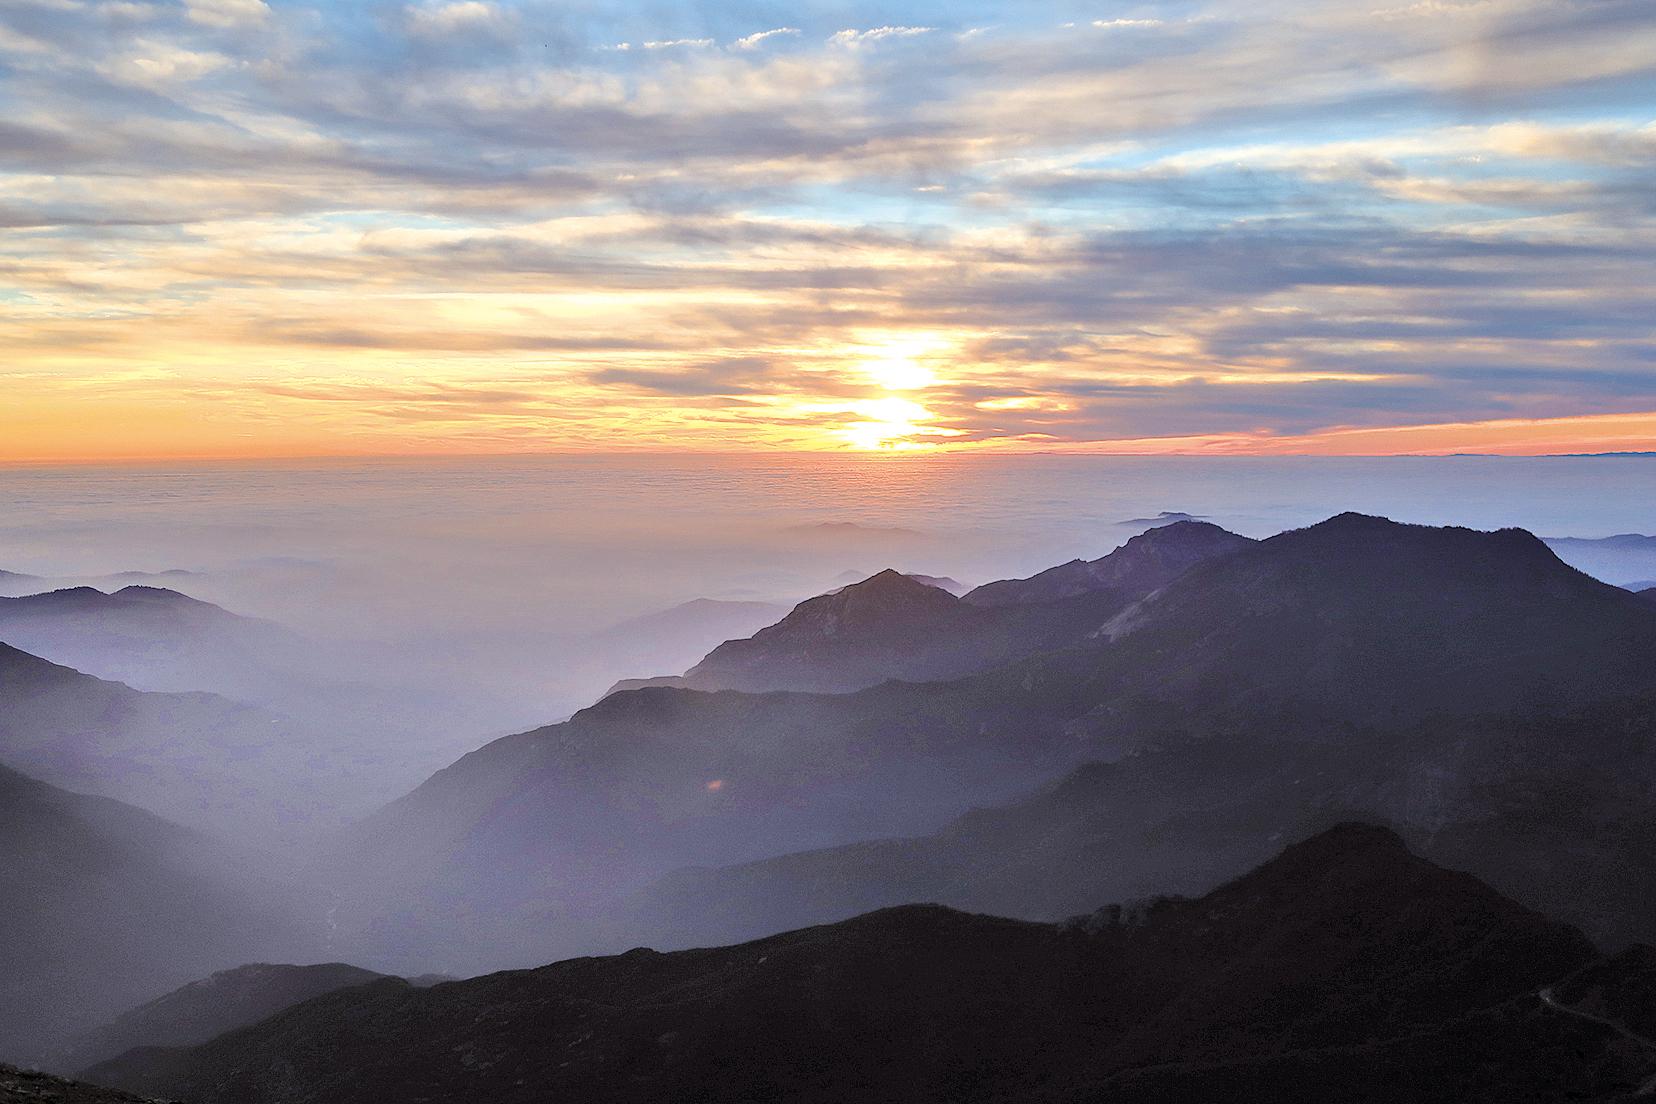 莫羅岩(Moro Rock)山頂的夕陽。